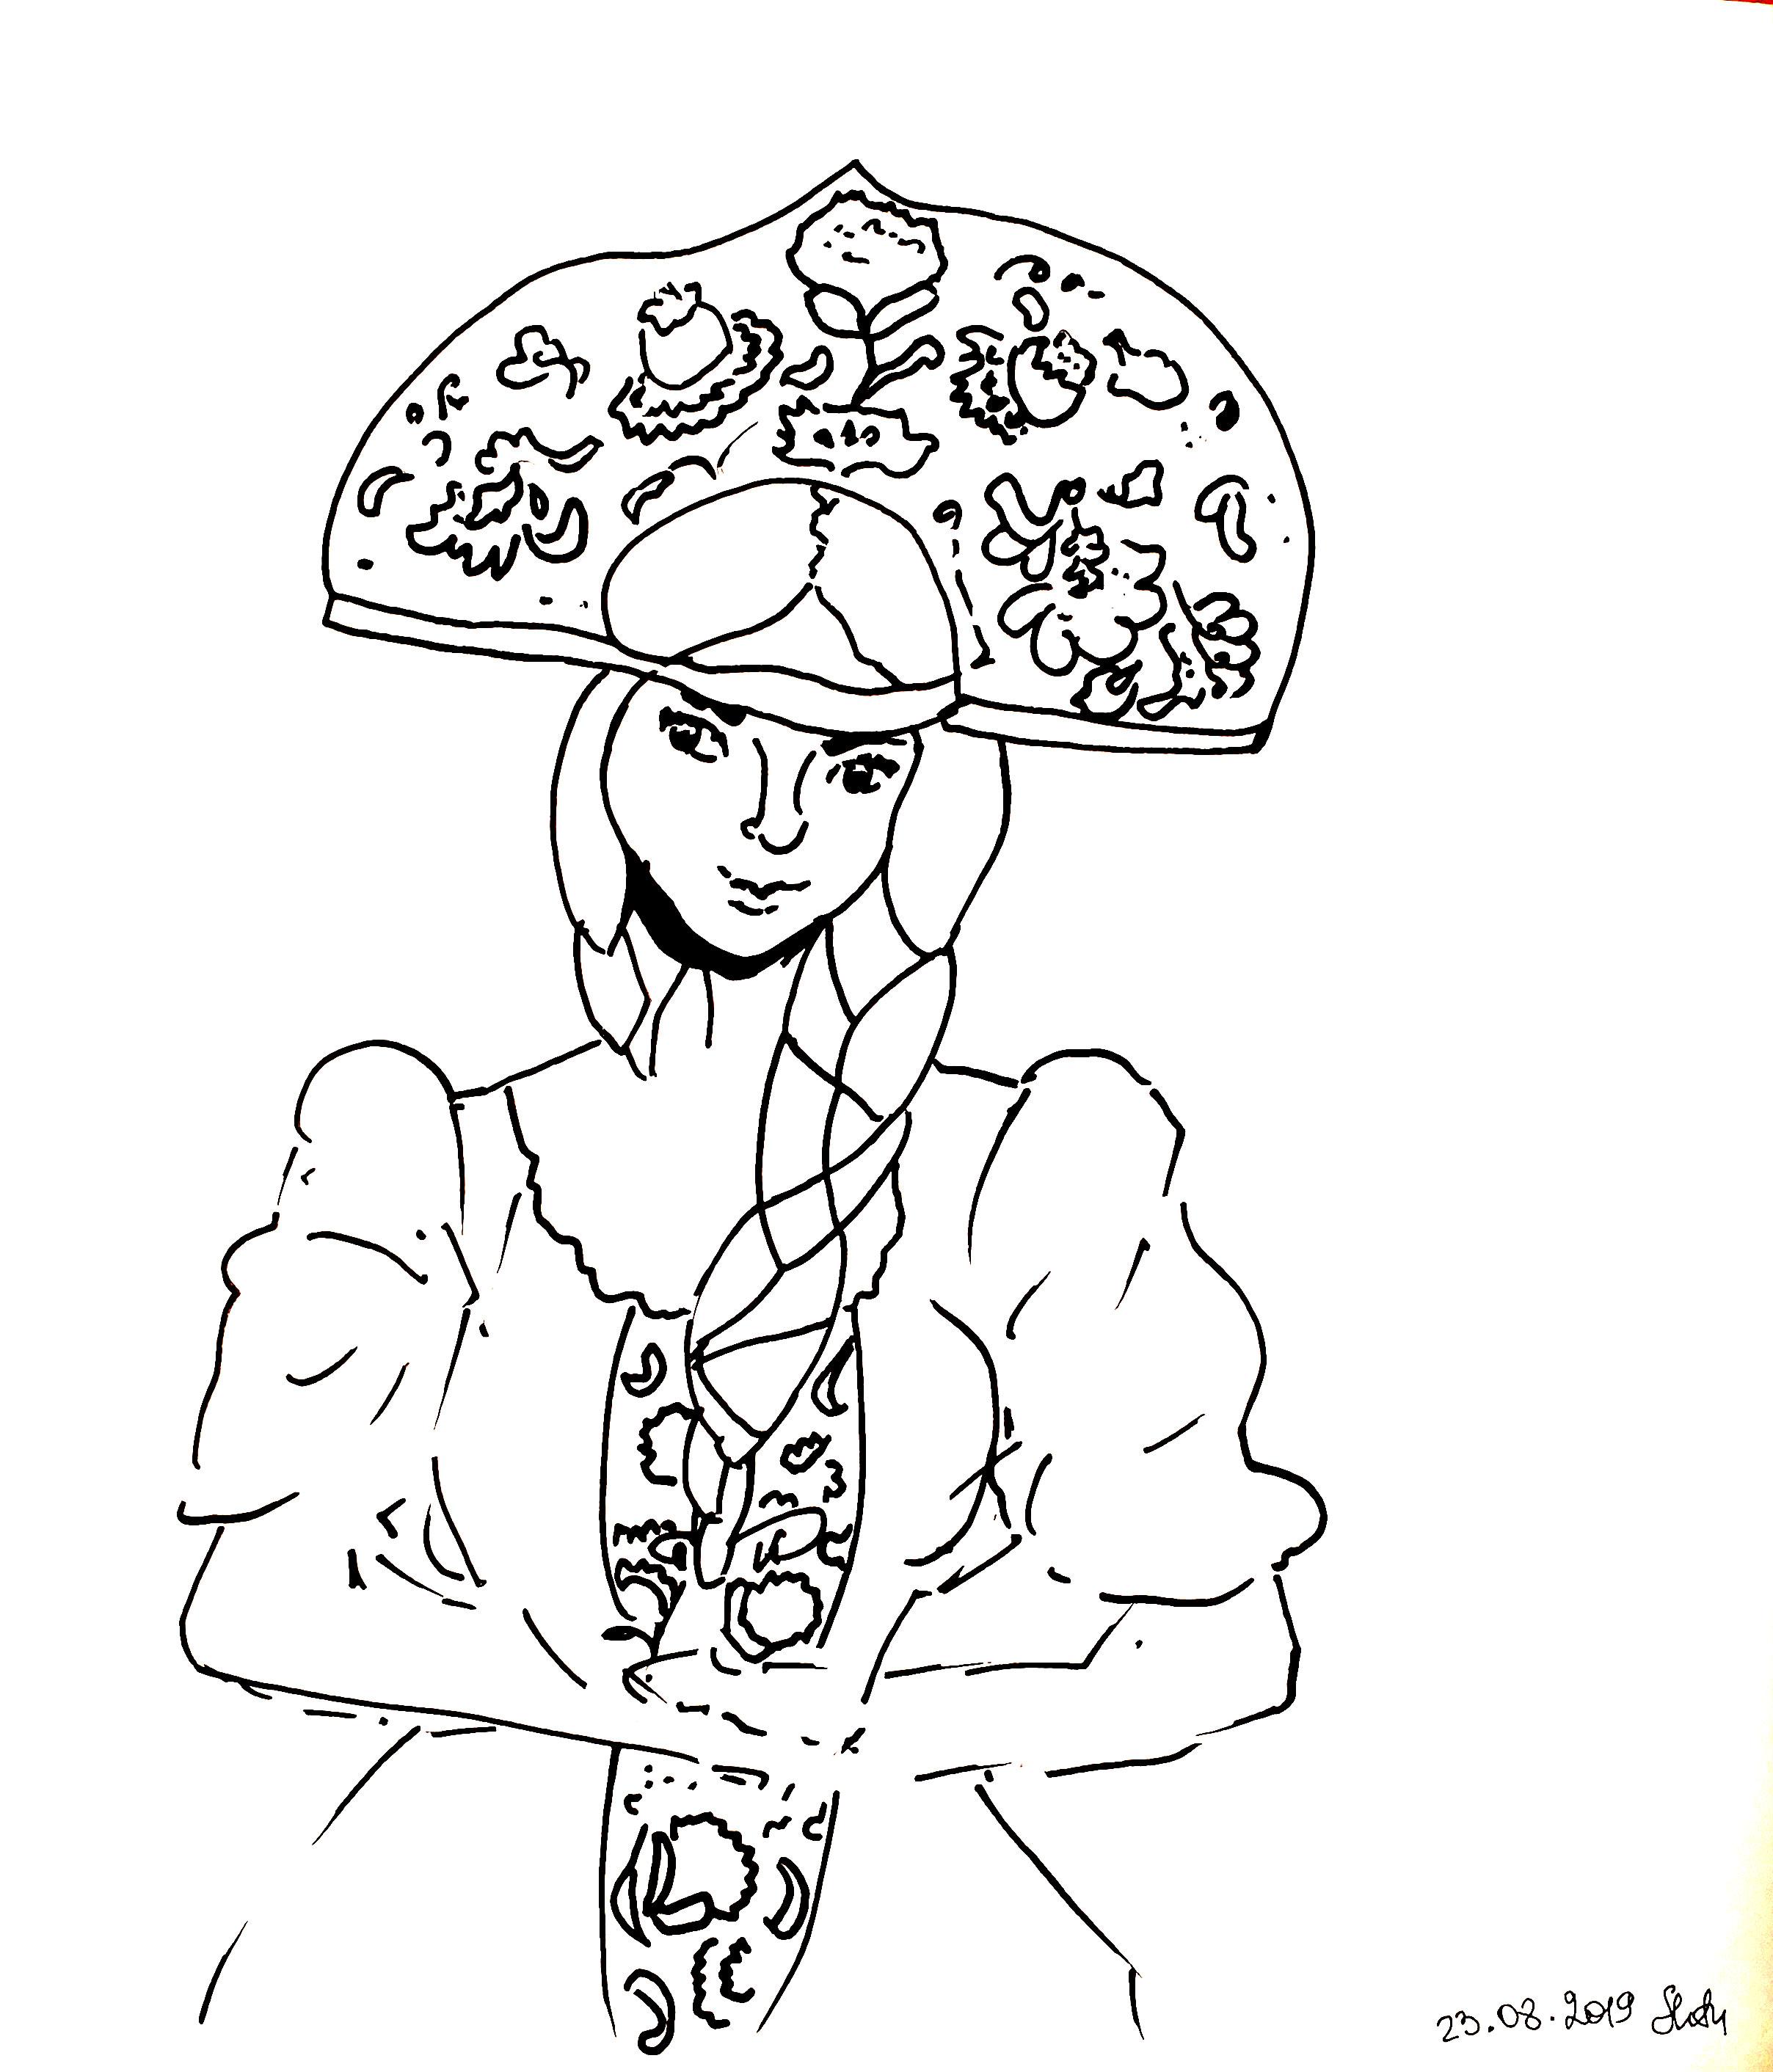 Russian girl in kokoshnik